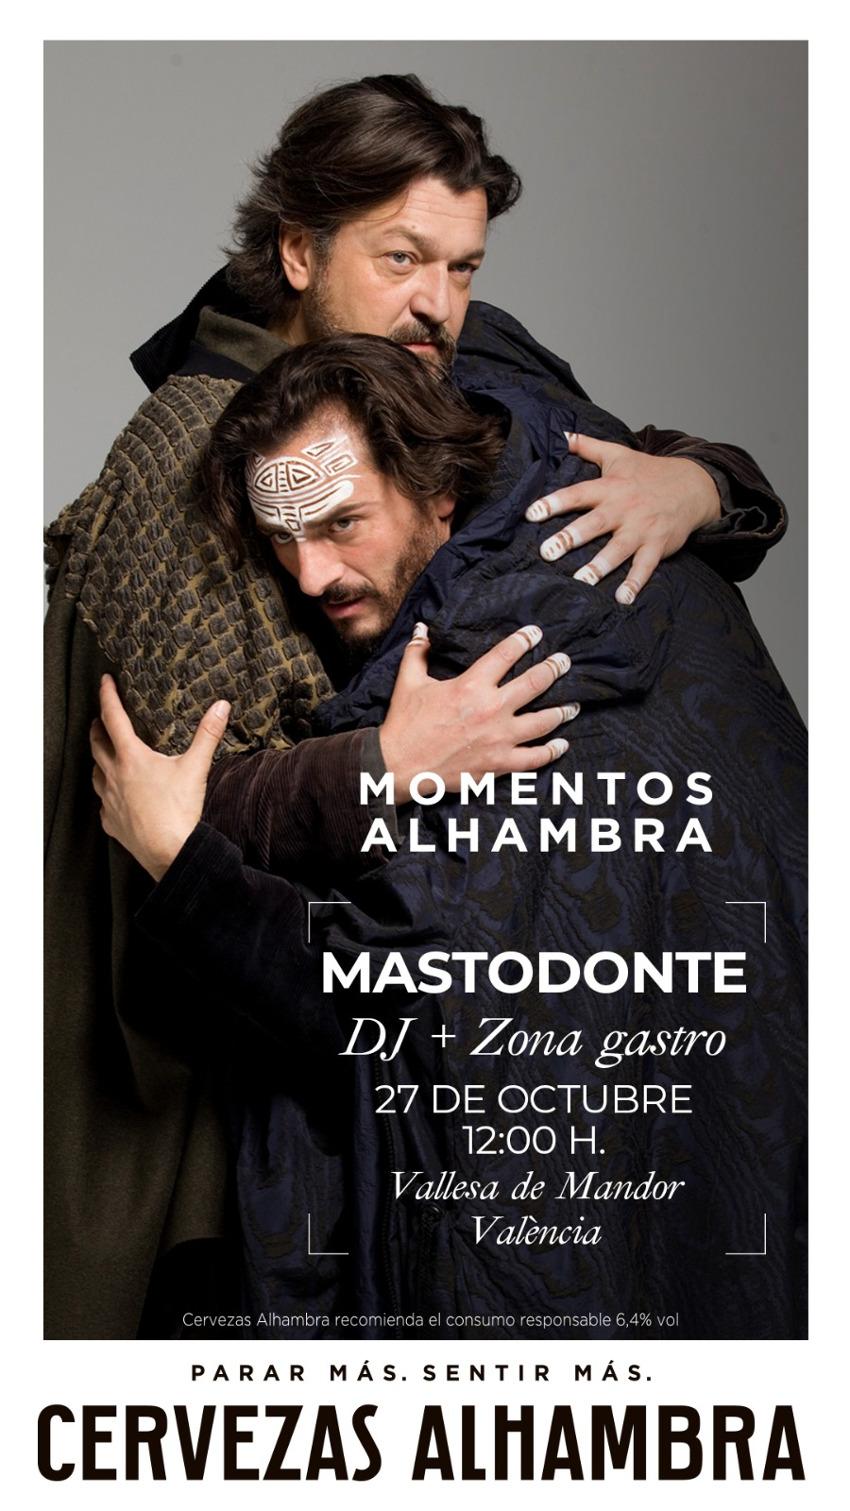 """""""Momentos Alhambra"""" llega a València con el concierto de Mastondonte"""